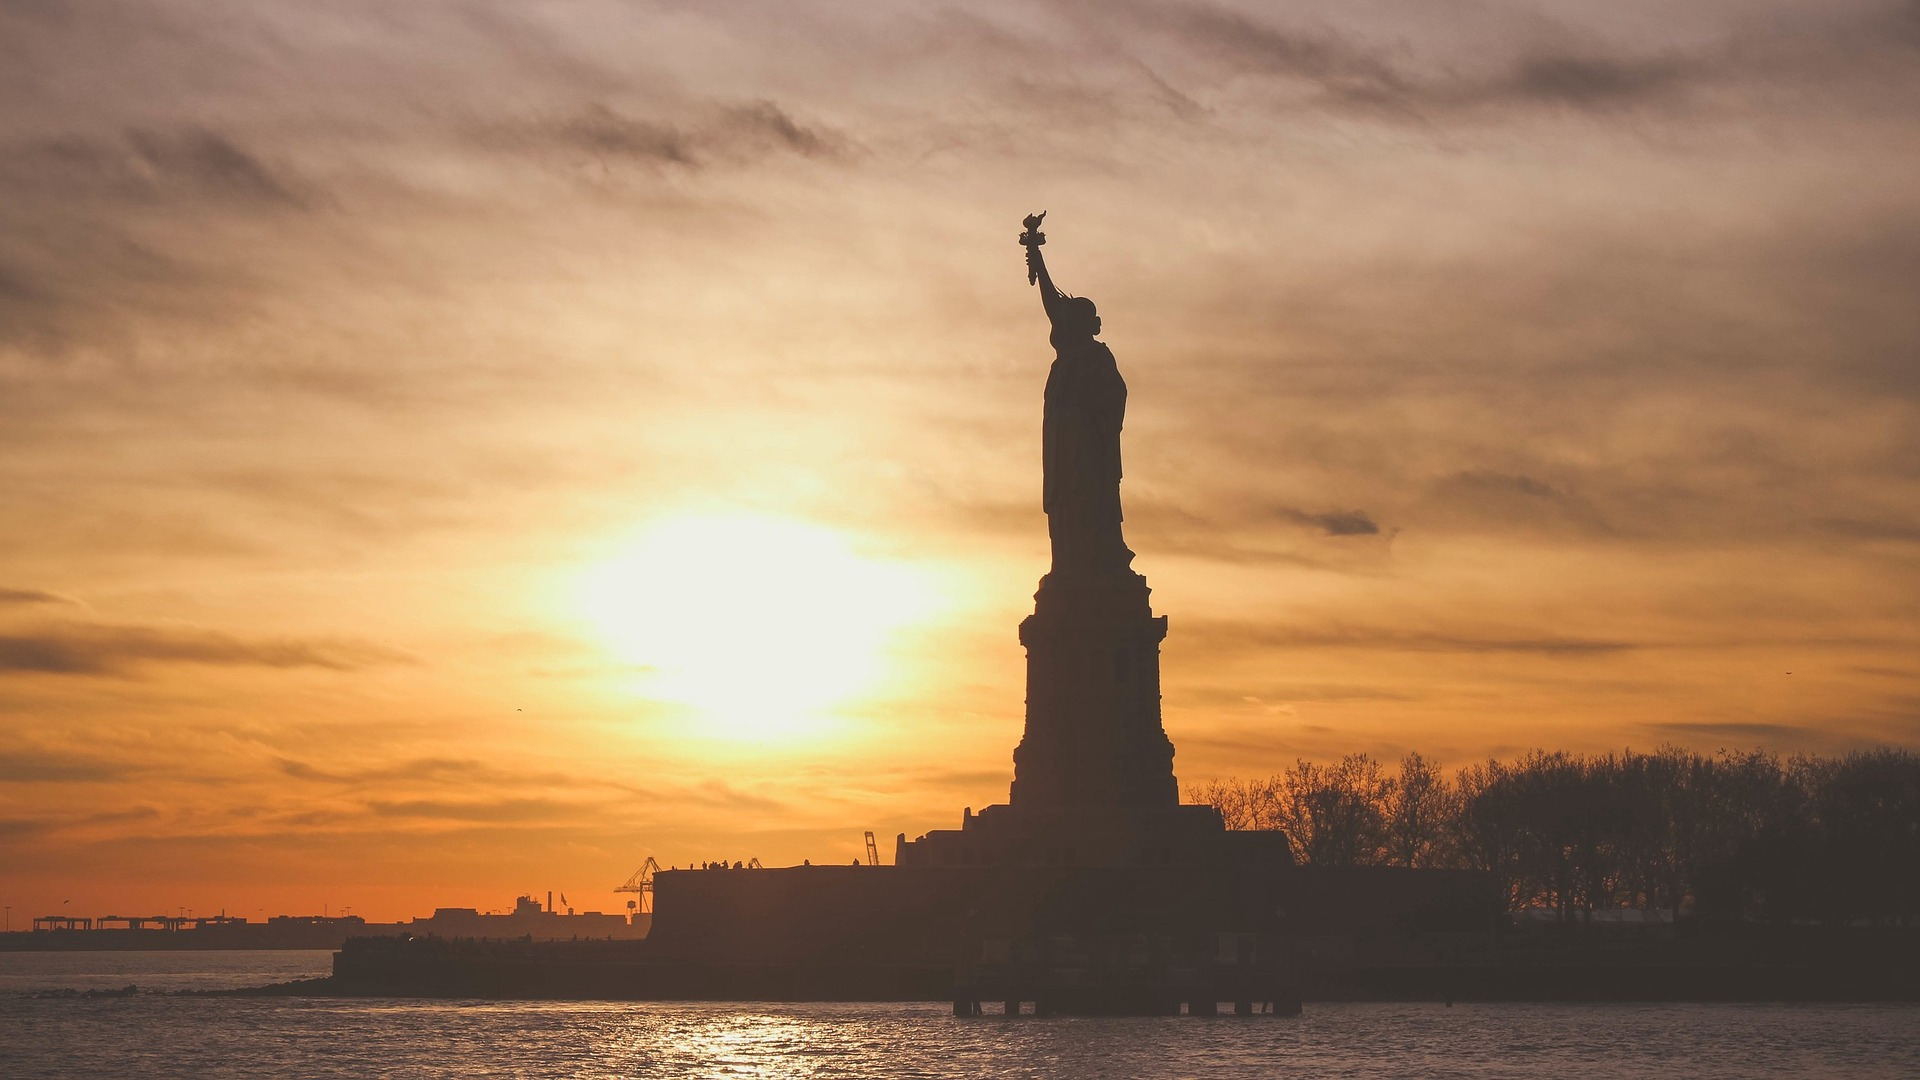 Viajar a Estados Unidos es más fácil: no requiere controles de coronavirus